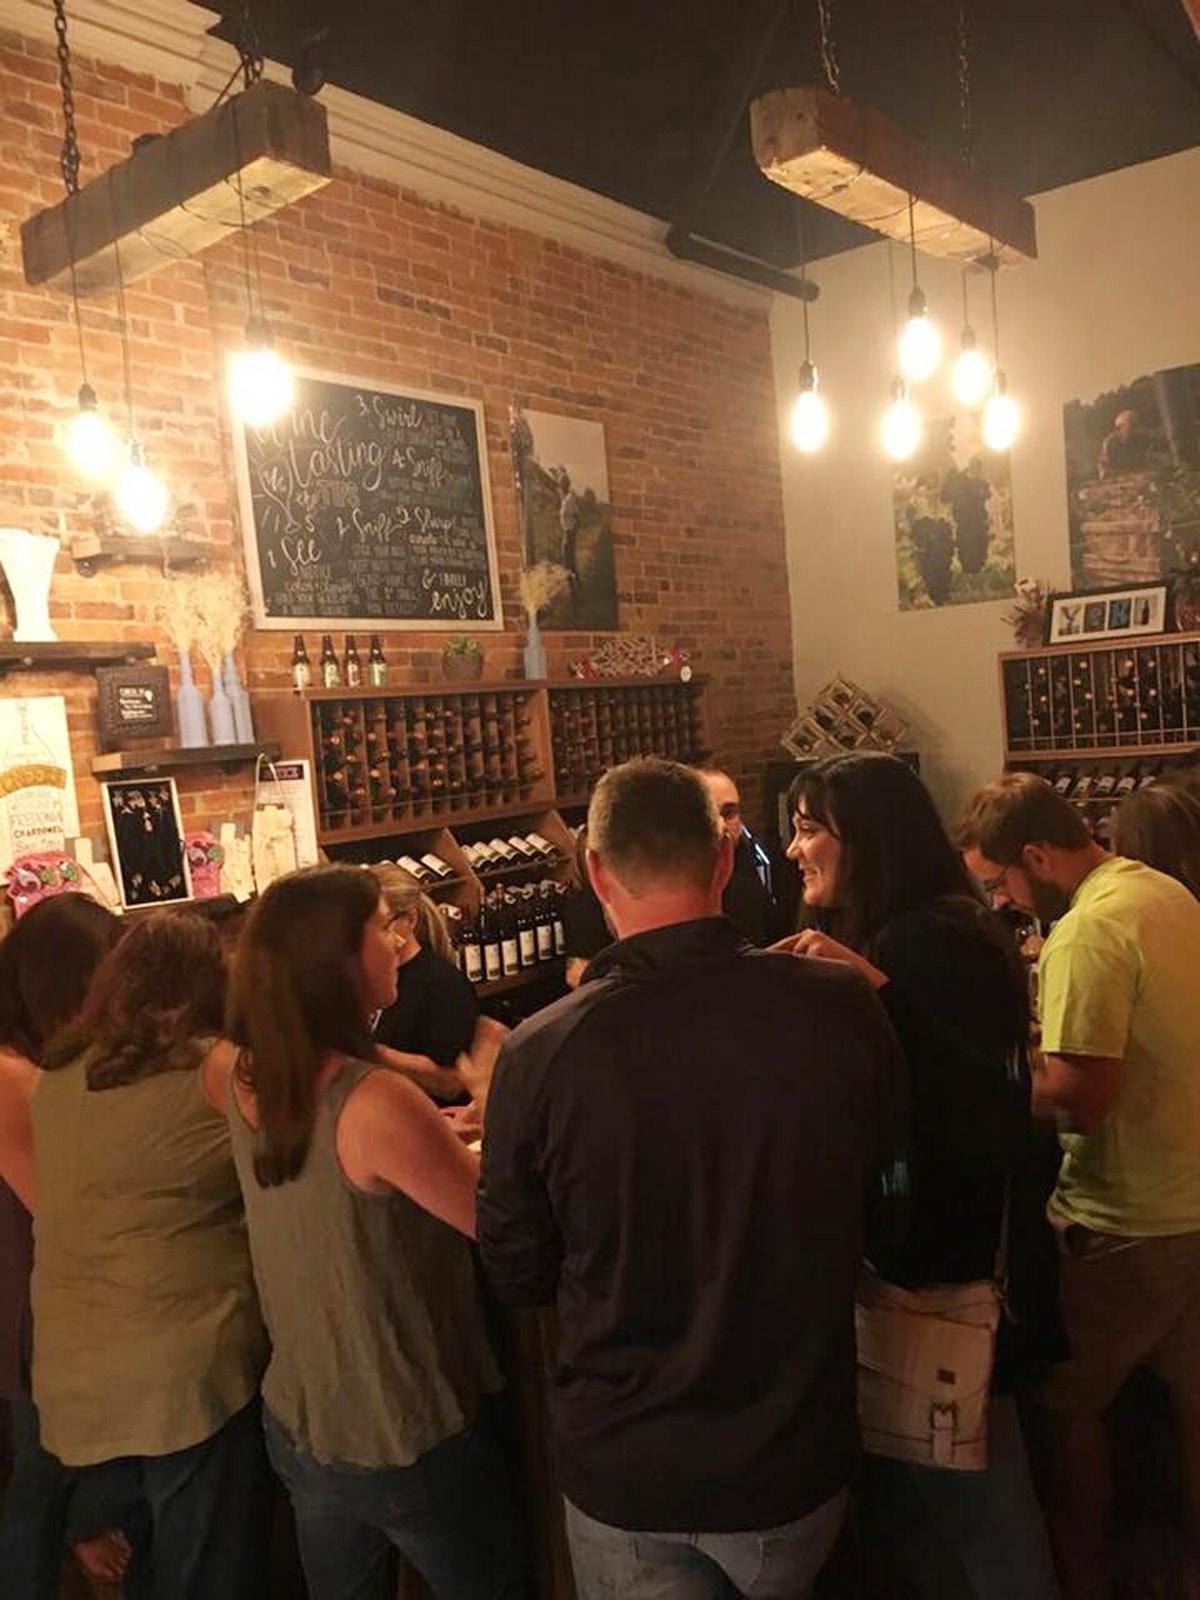 yori3-1 Customers in the tasting room of Yori Wine Cellars in North East, Pa.